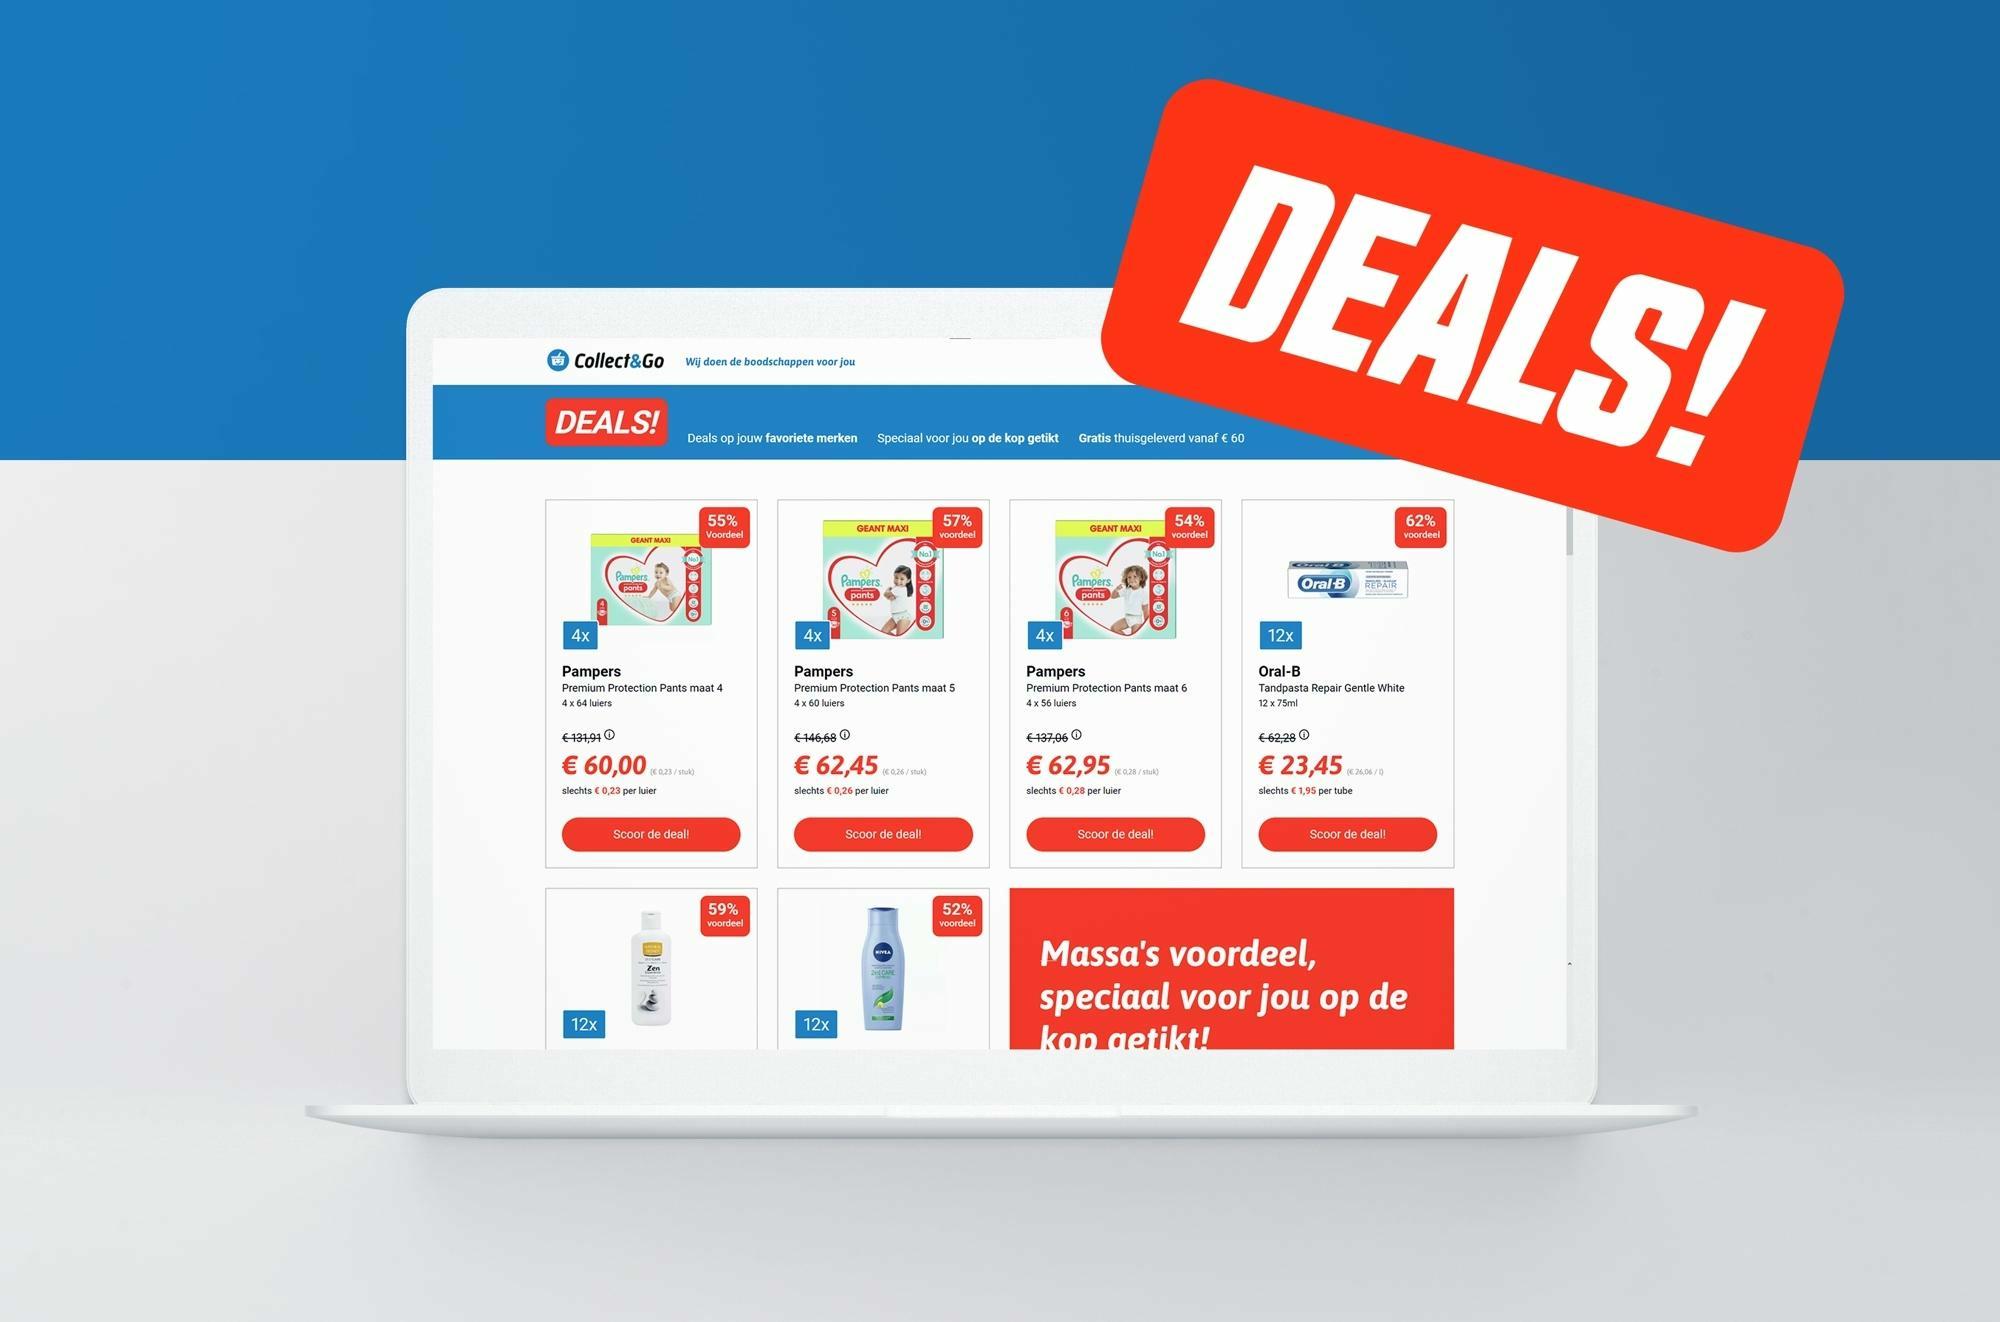 Deals! van Colruyt Group